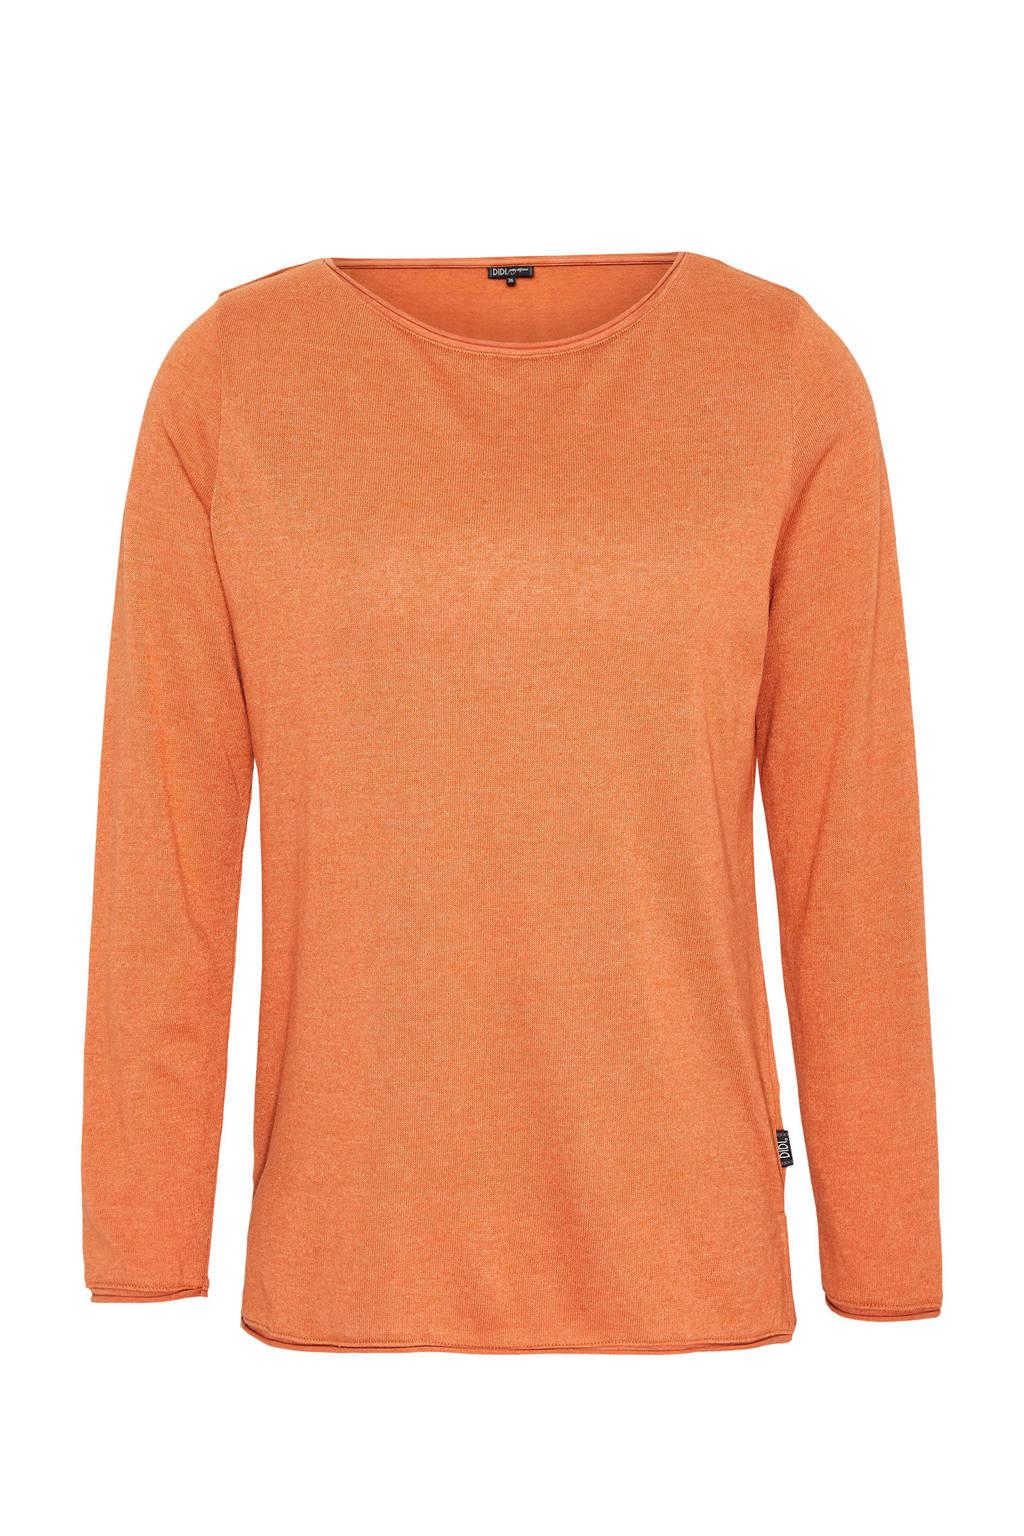 Didi top met splitjes oranje, Oranje